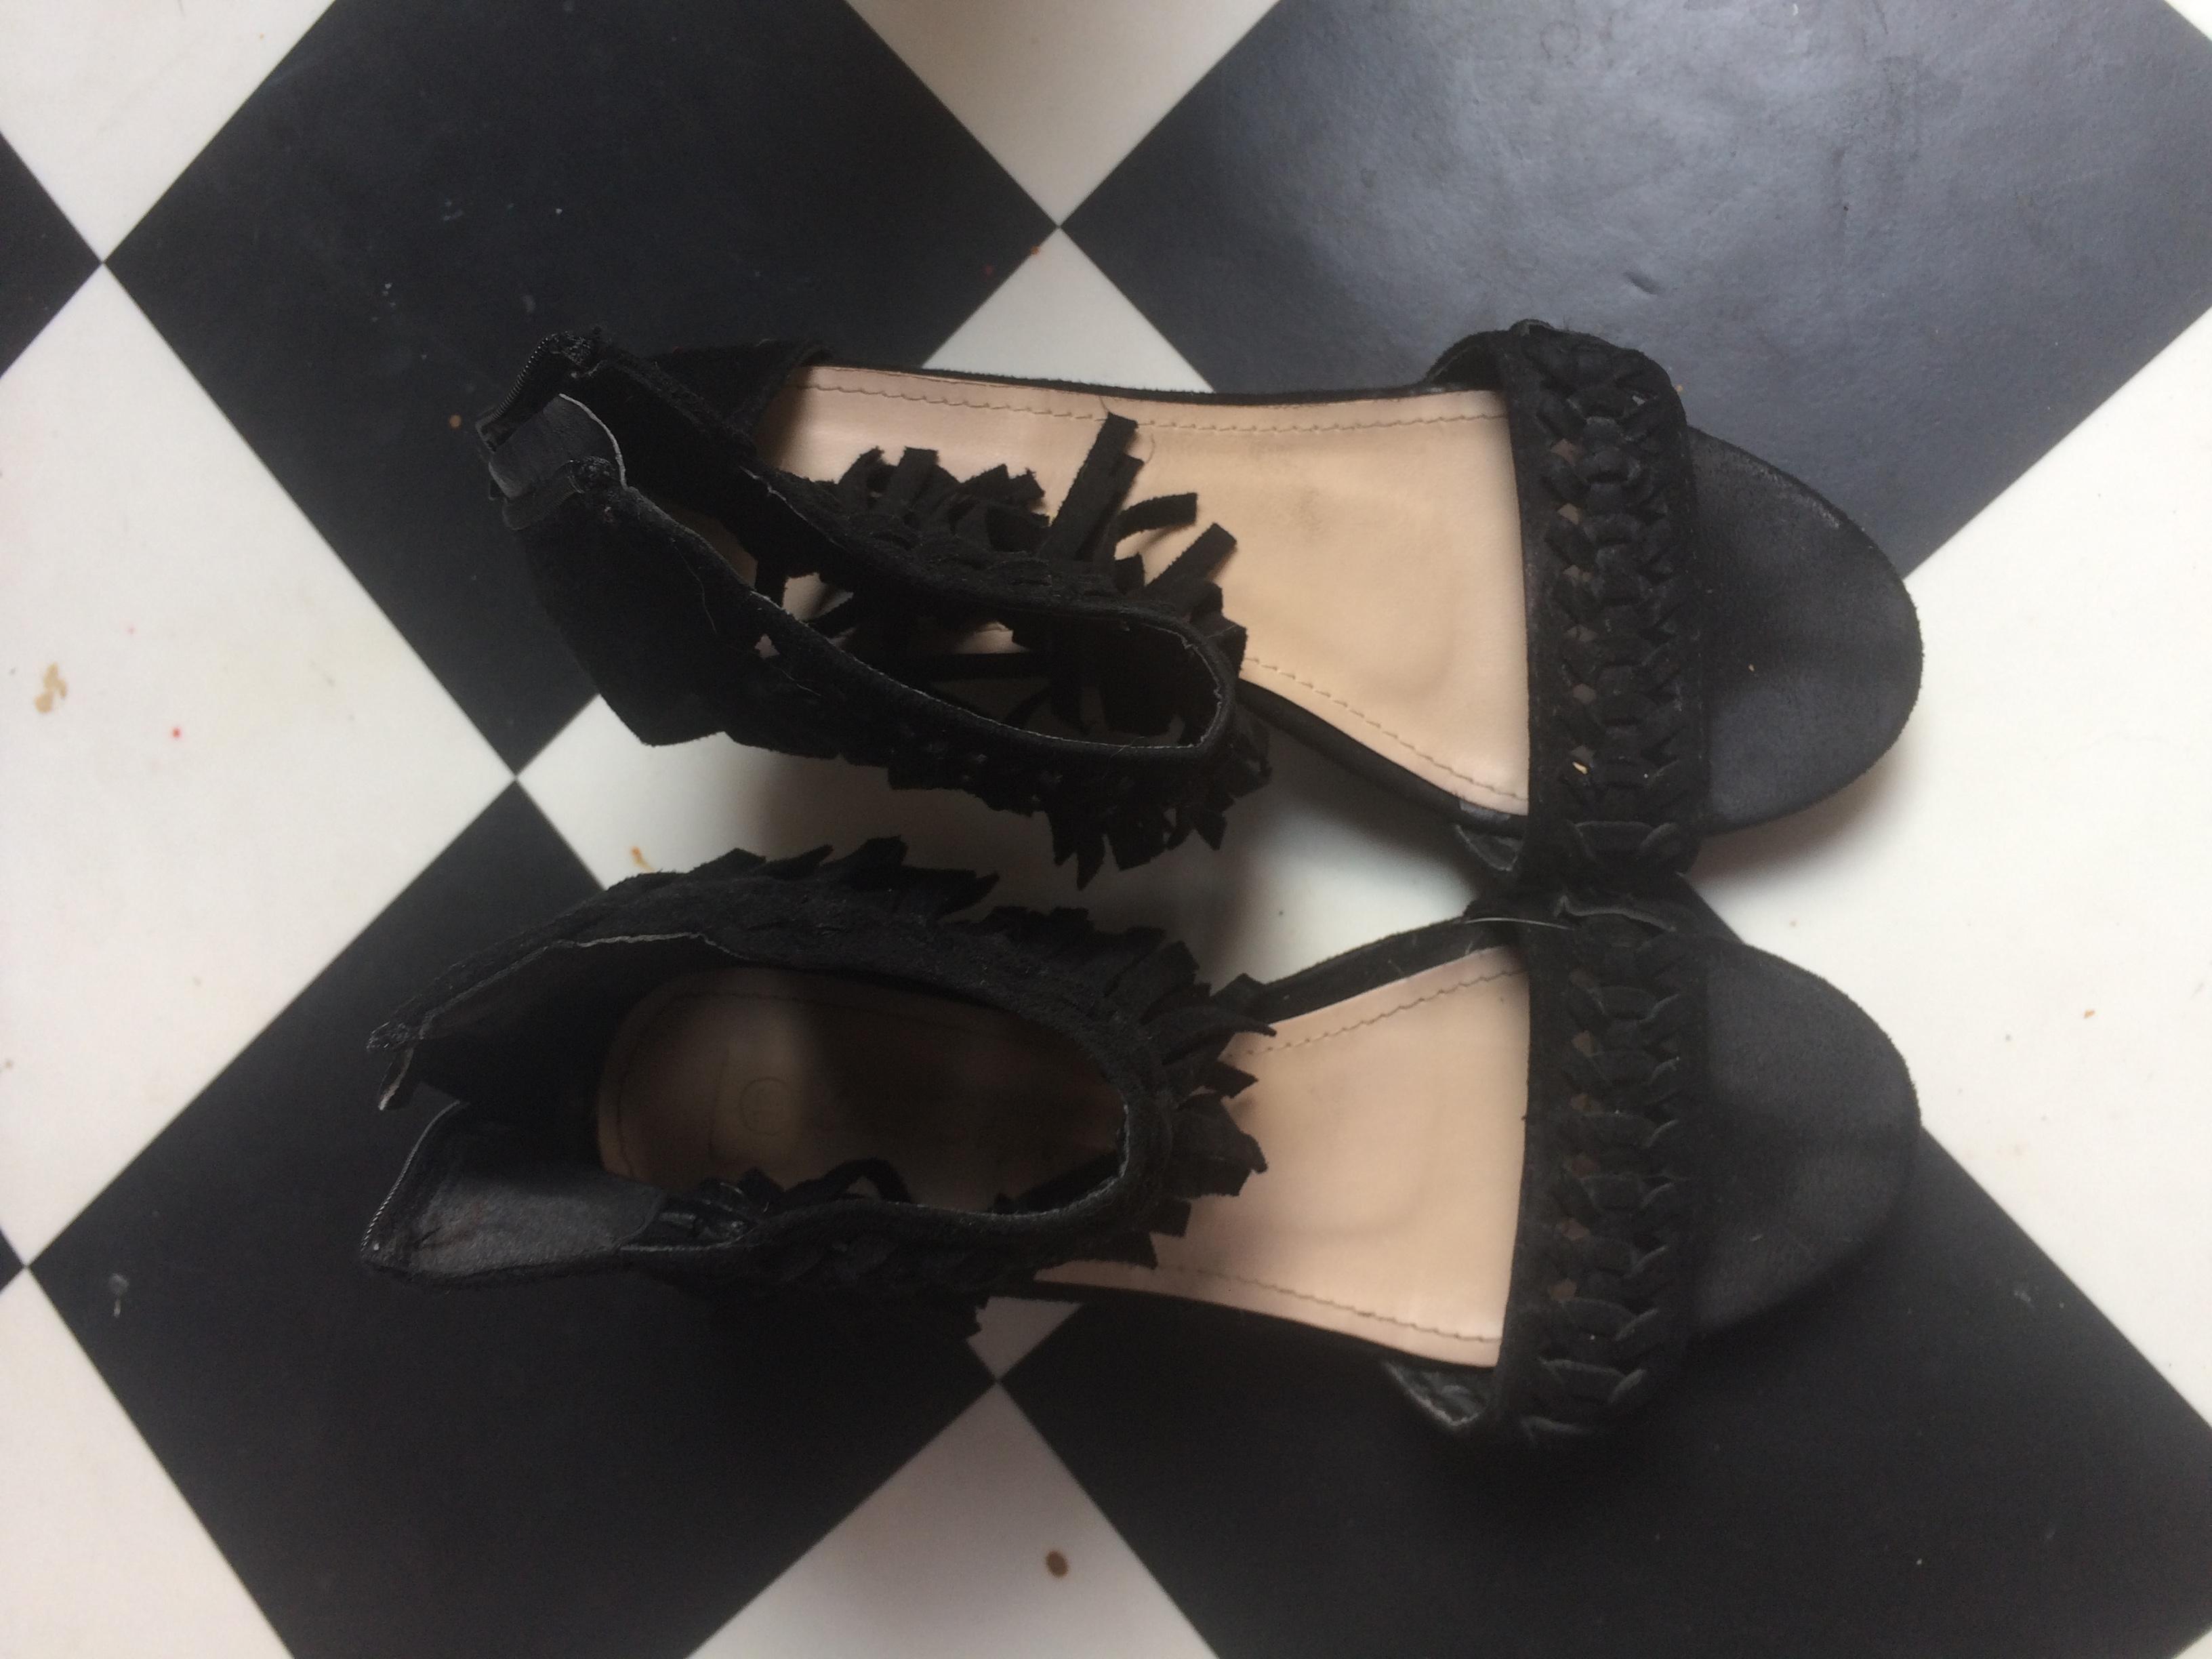 troc de troc sandales compensées t37 image 0